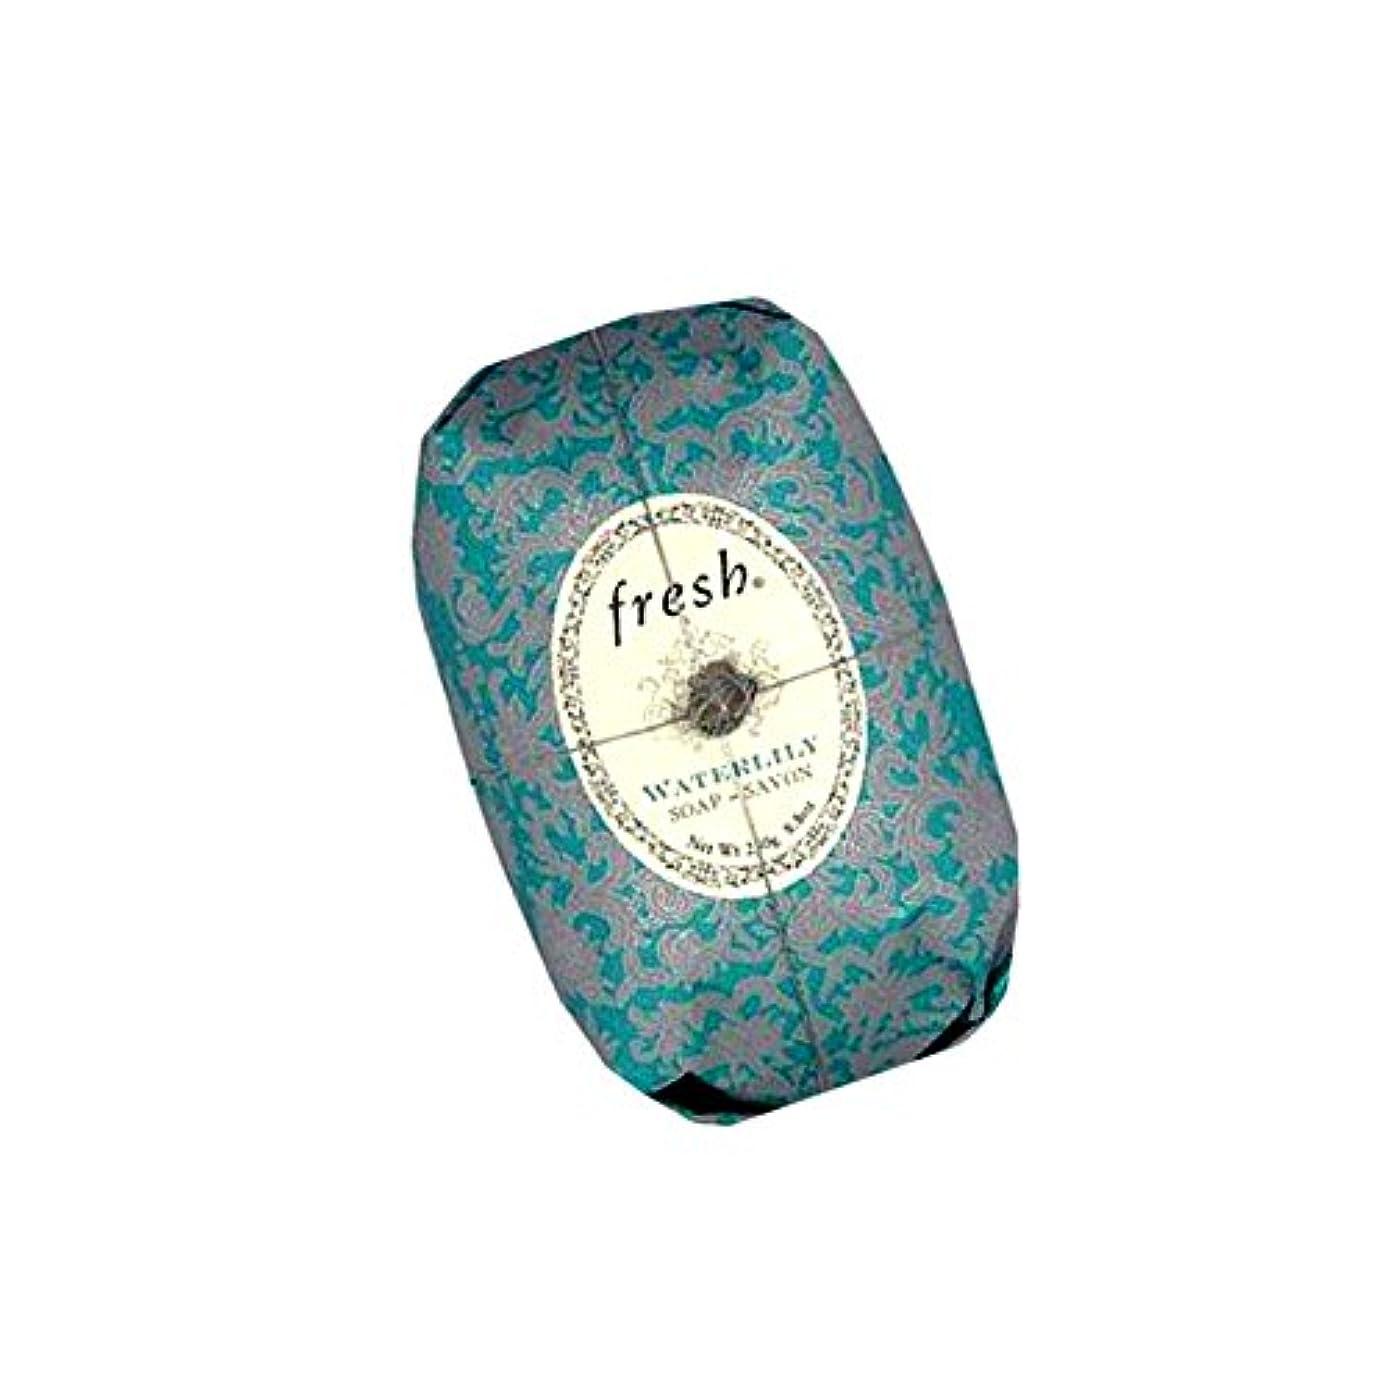 バナナ全滅させる花嫁Fresh フレッシュ Waterlily Soap 石鹸, 250g/8.8oz. [海外直送品] [並行輸入品]